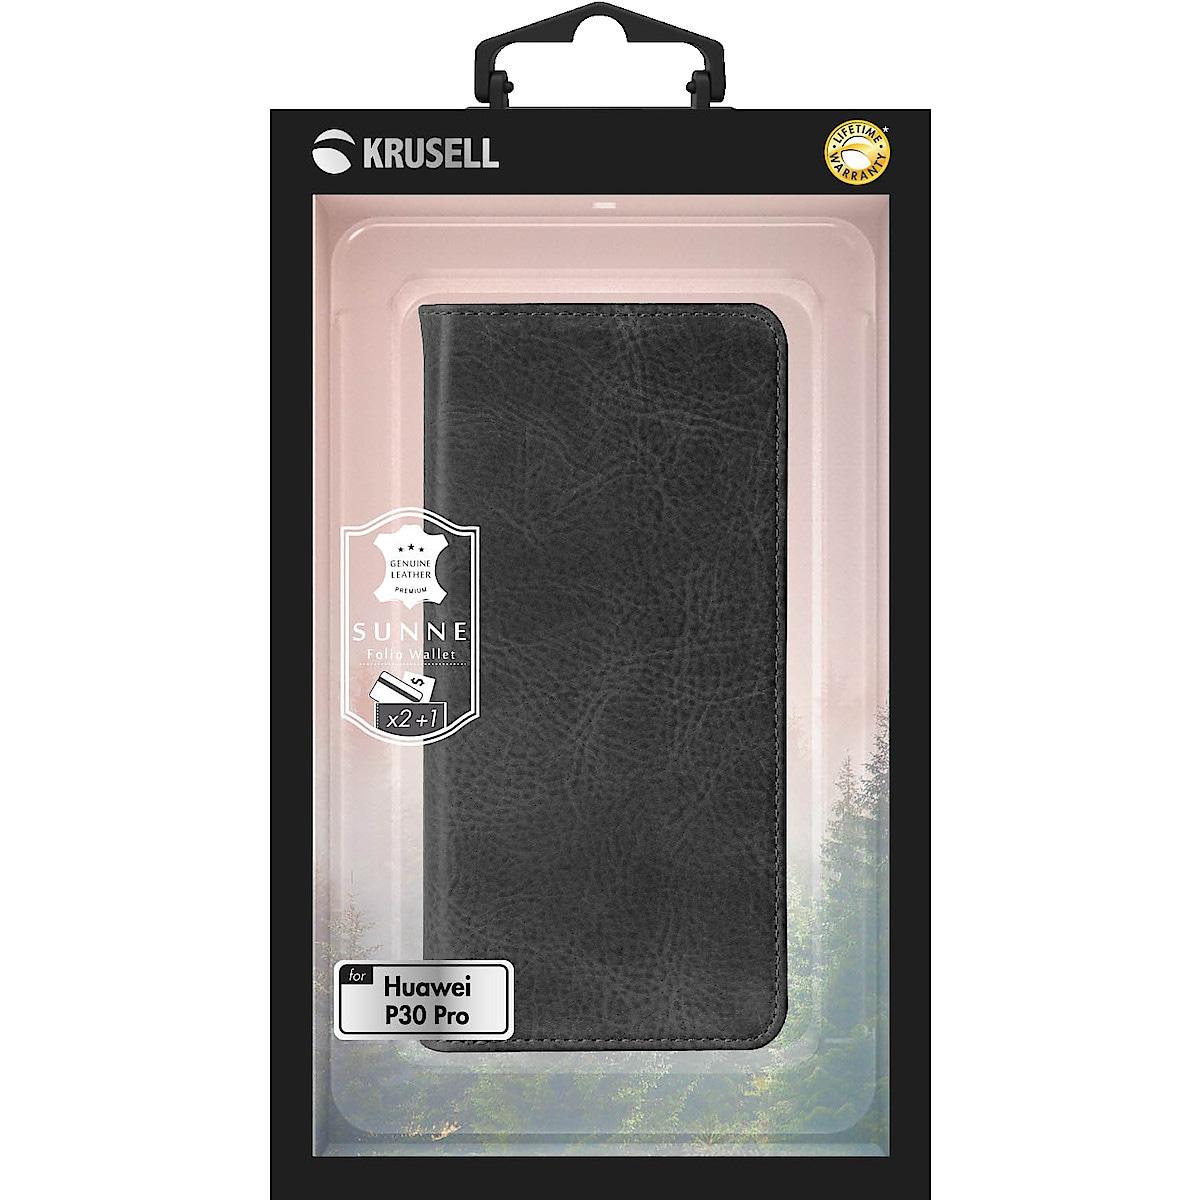 Krusell Sunne FolioWallet lommebokfutteral for Huawei P30 Pro